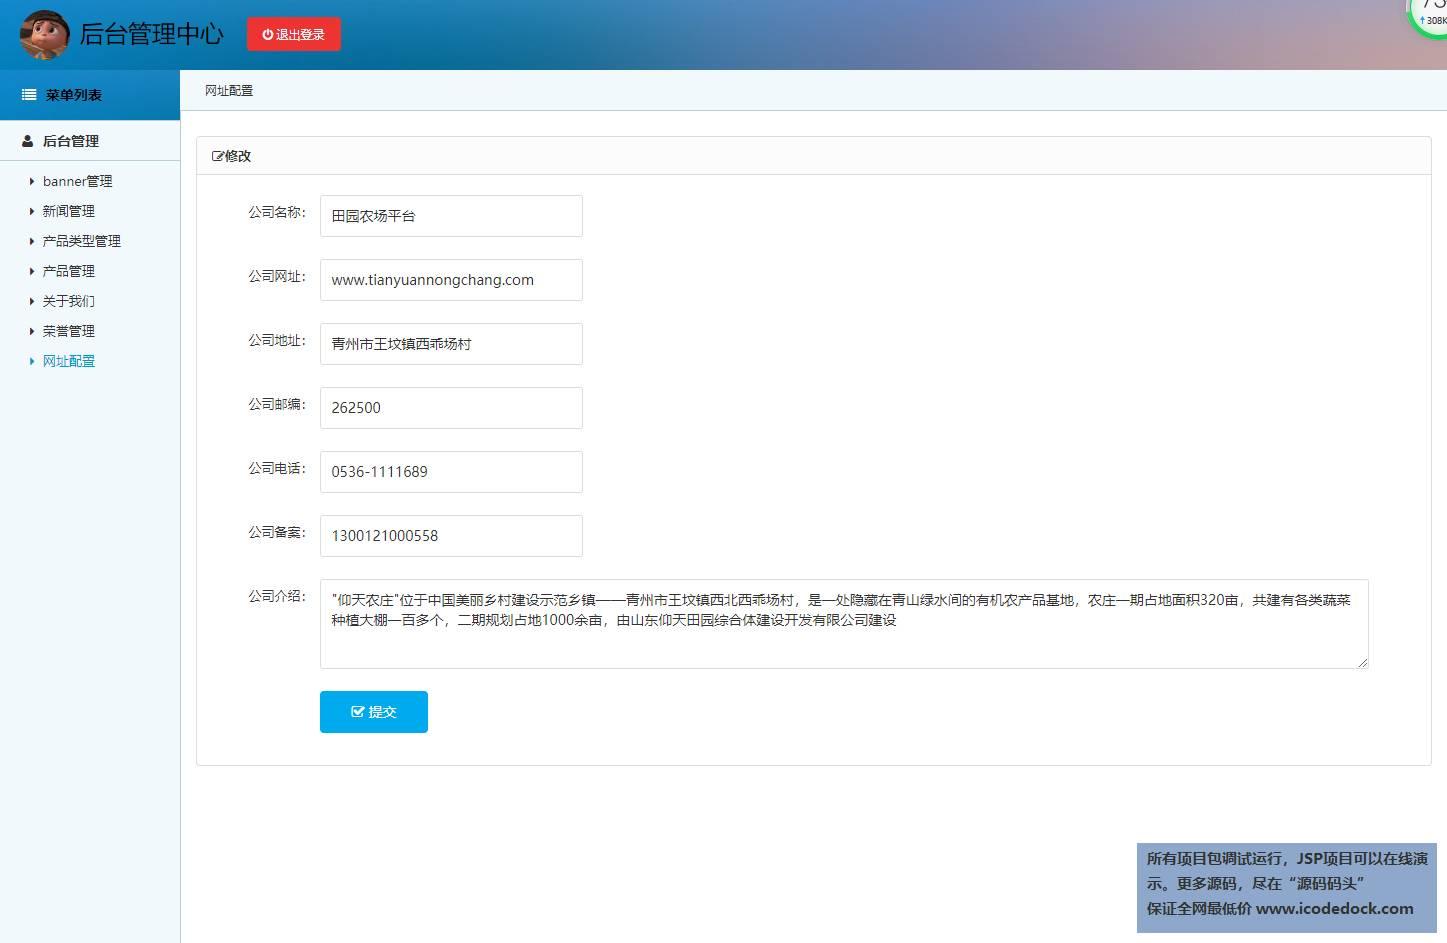 源码码头-SSH在线田园农场网站平台管理系统-管理员角色-网址配备管理